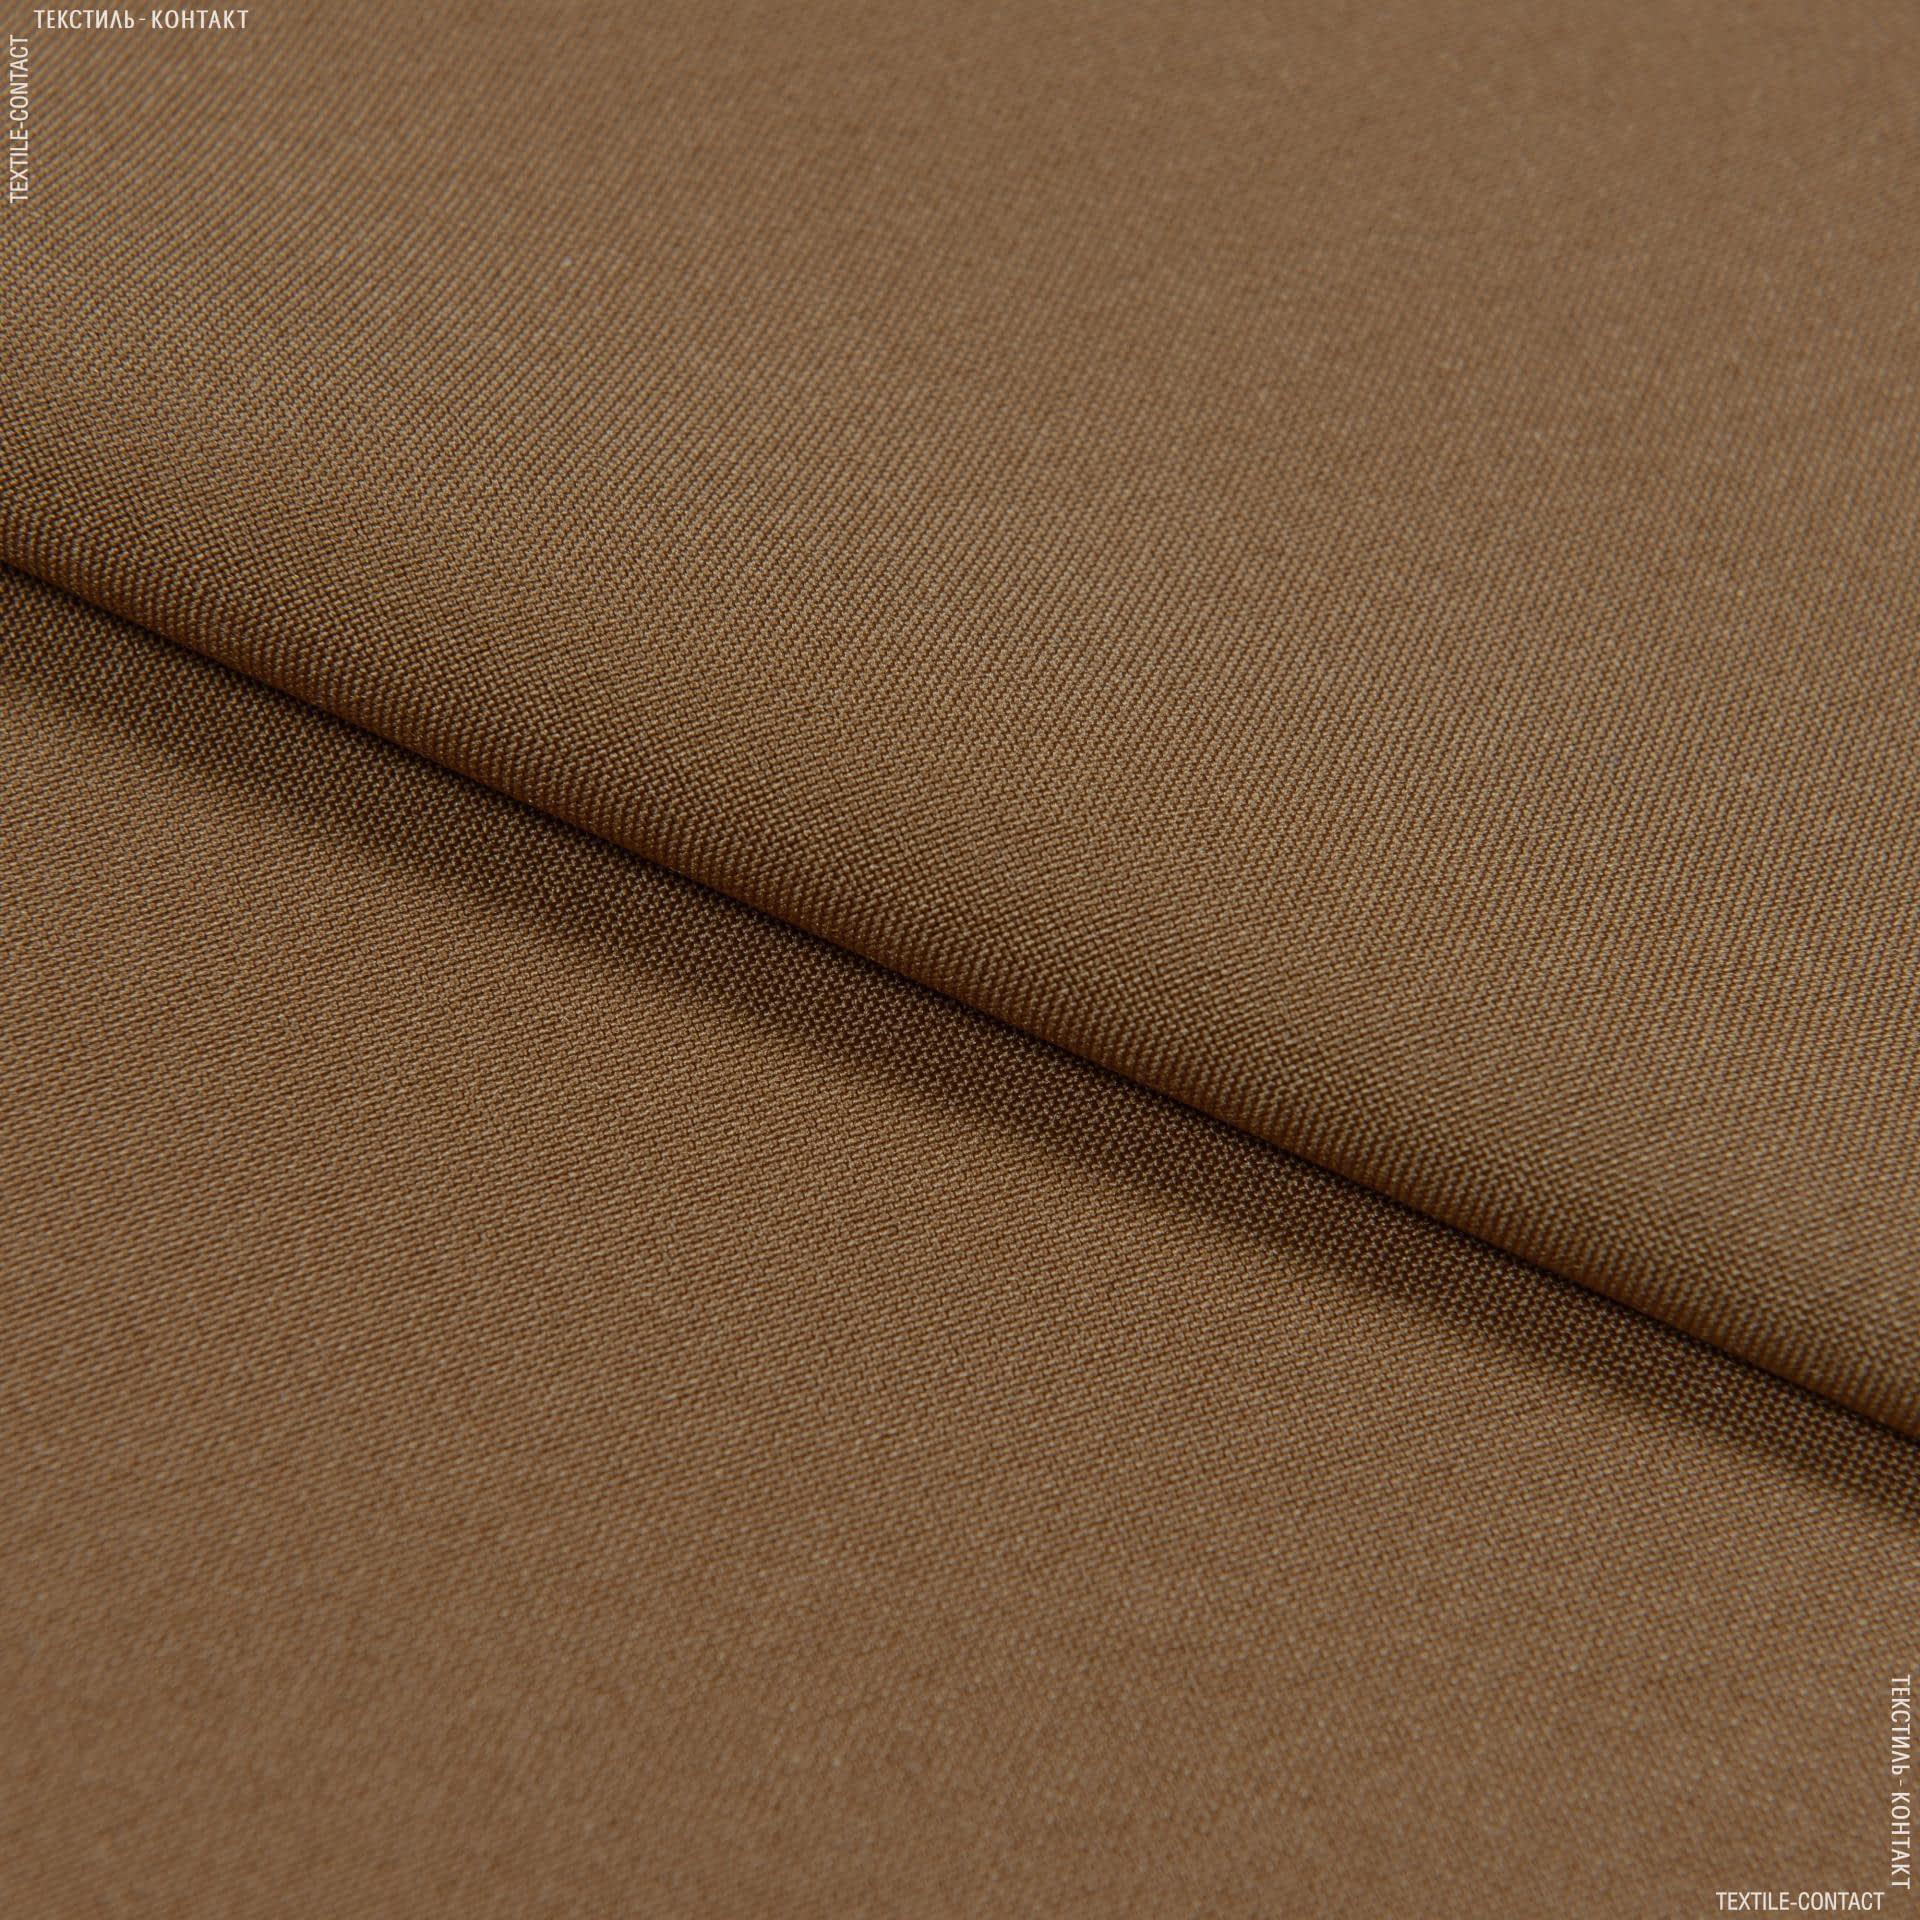 Тканини для штанів - Габардин світло-коричневий